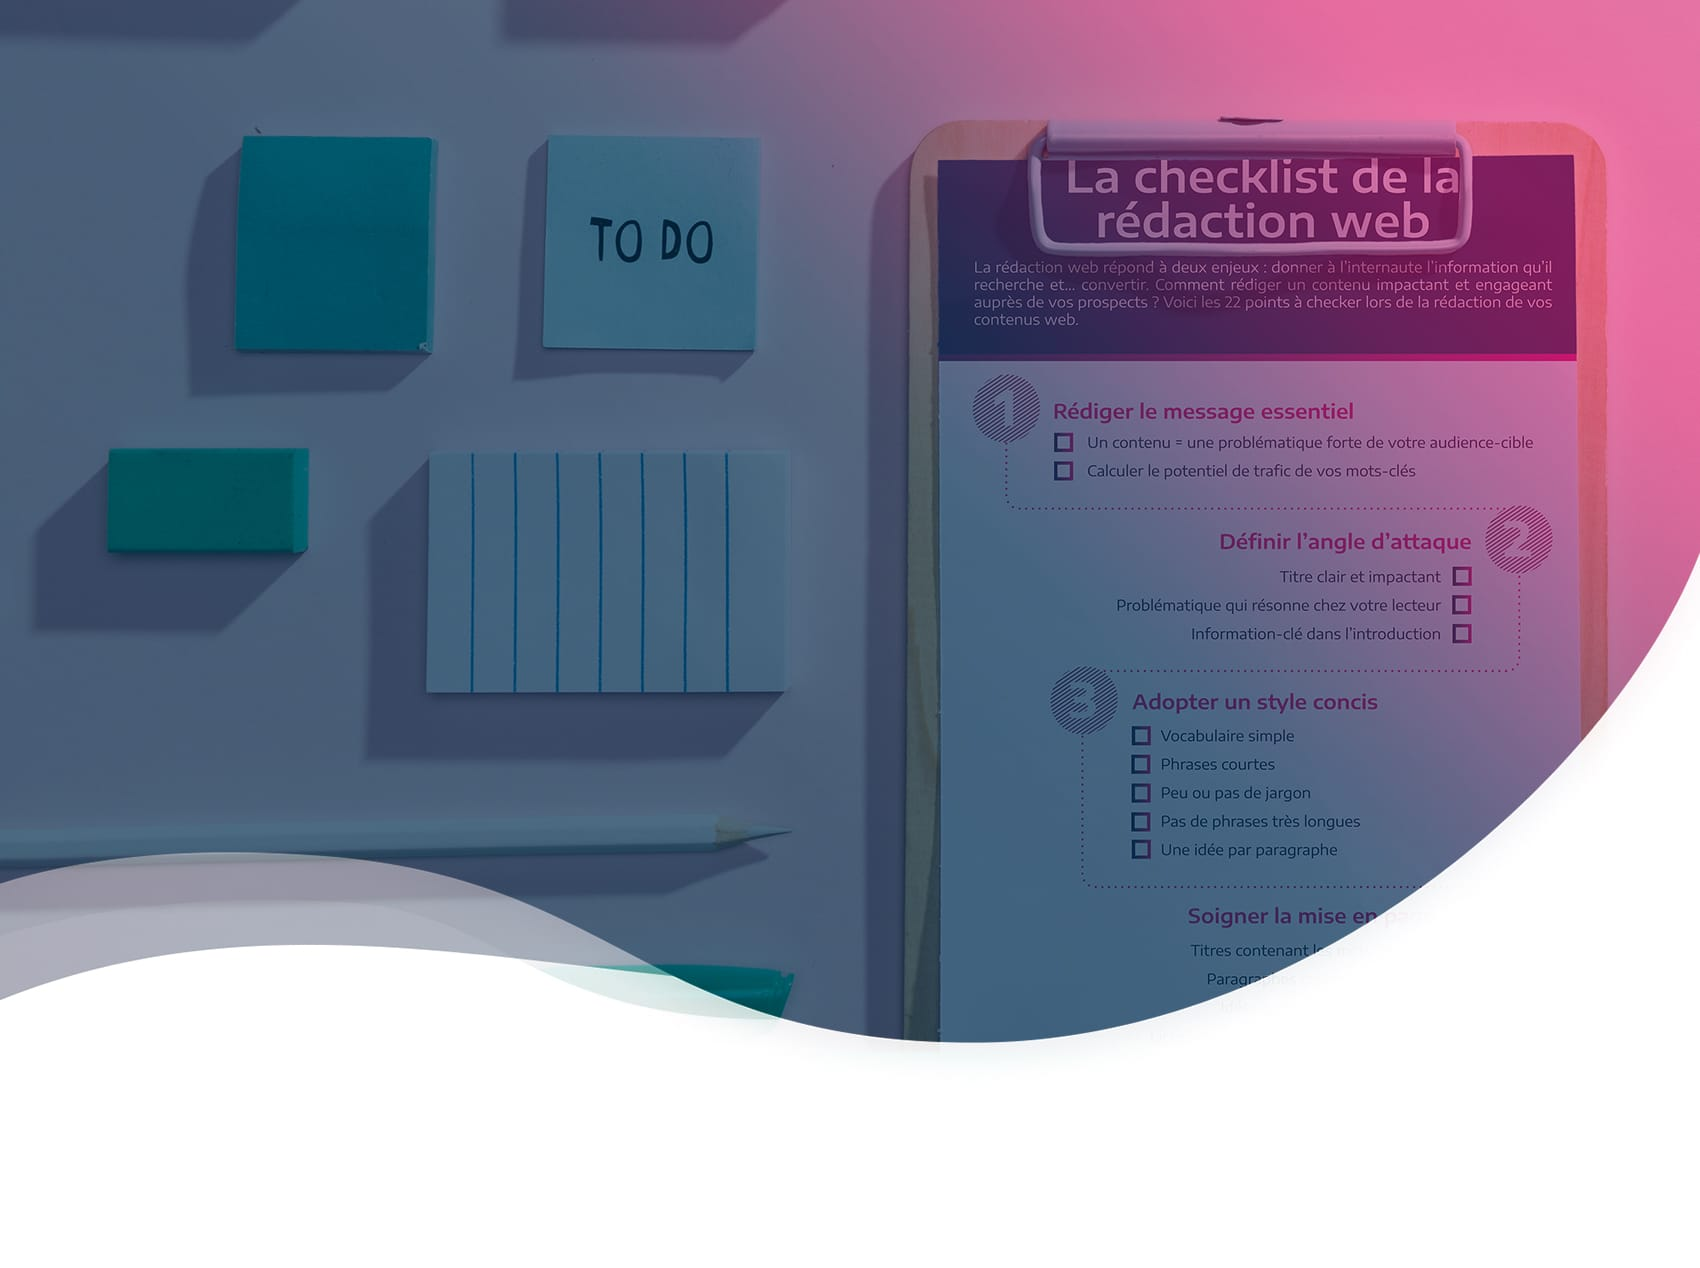 Infographie – La checklist de la rédaction web